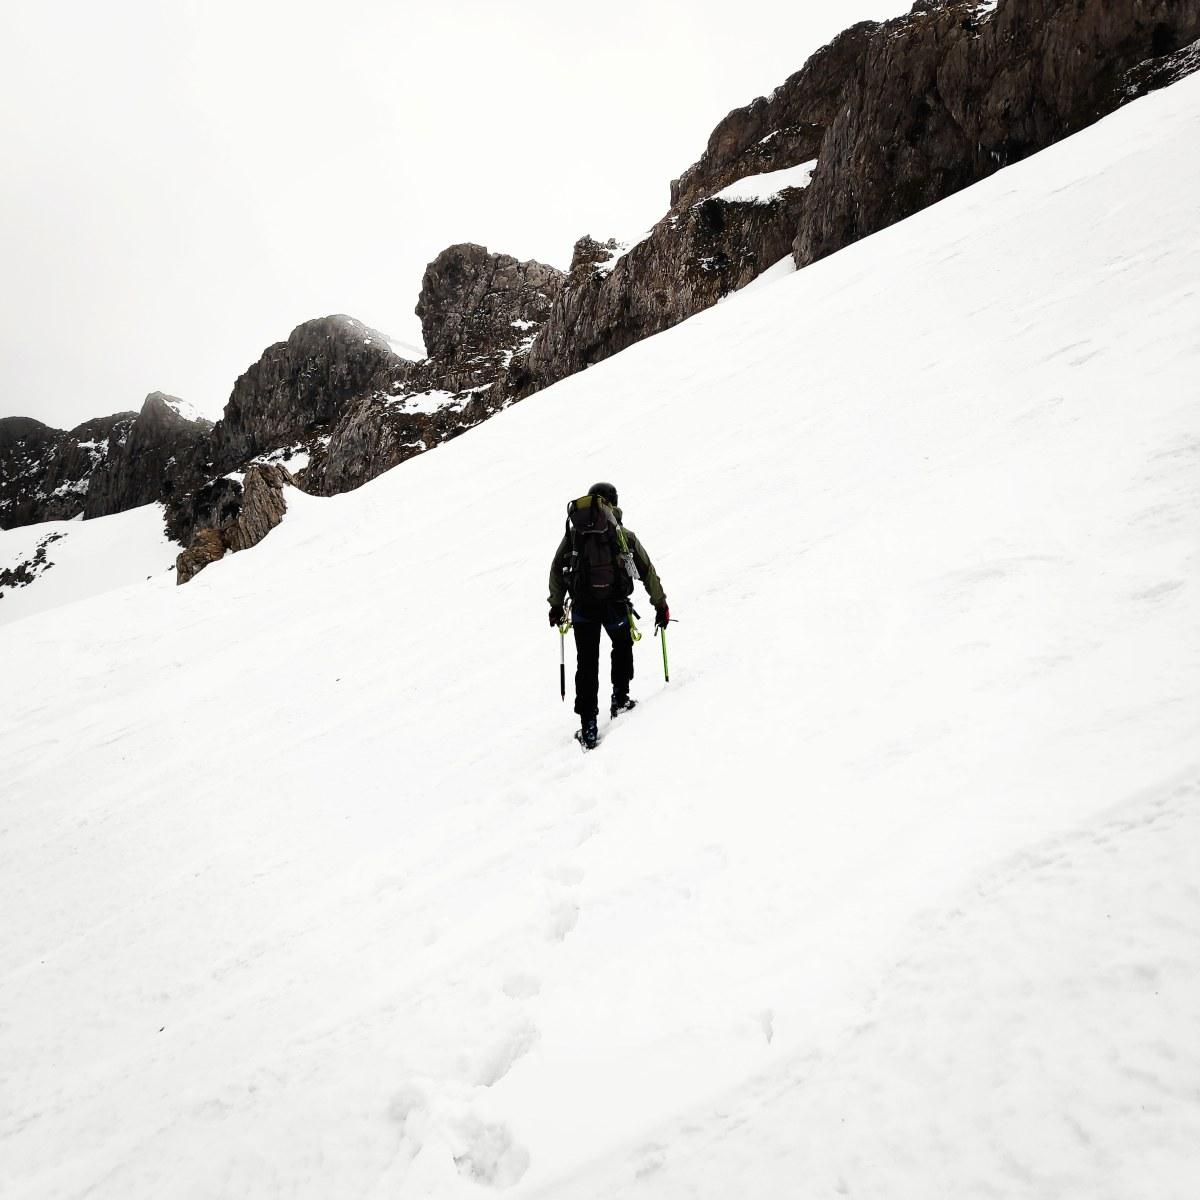 Alpine Climb on Mount Xerovouni via Central Couloir